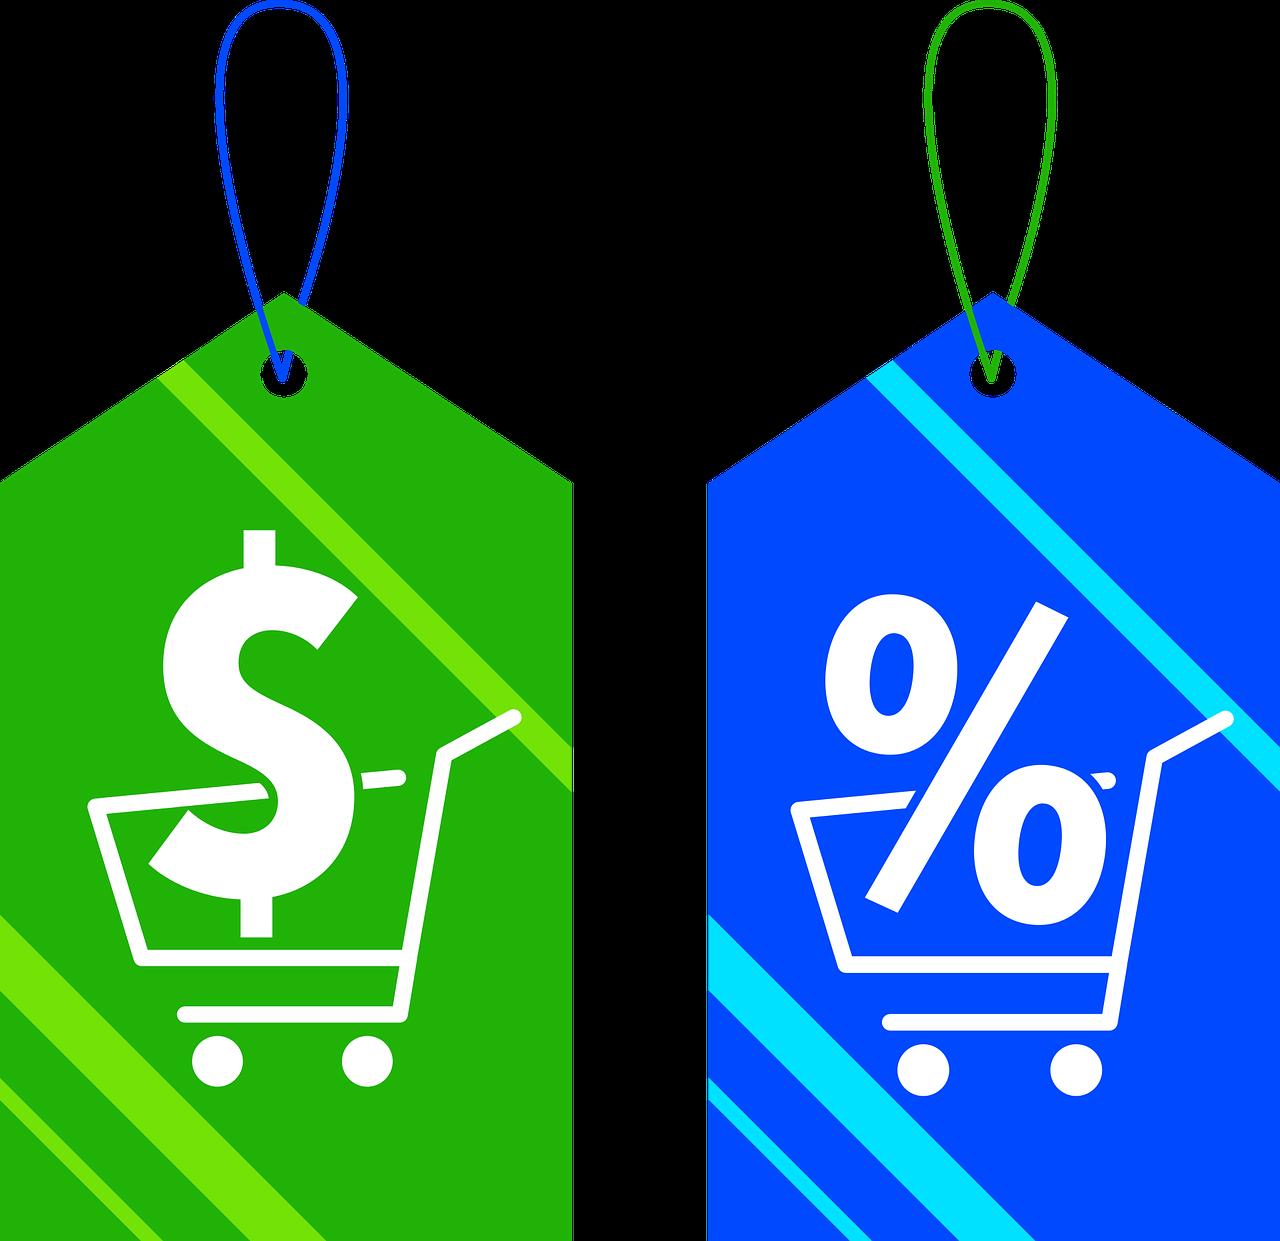 Preismanagement für Unternehmen